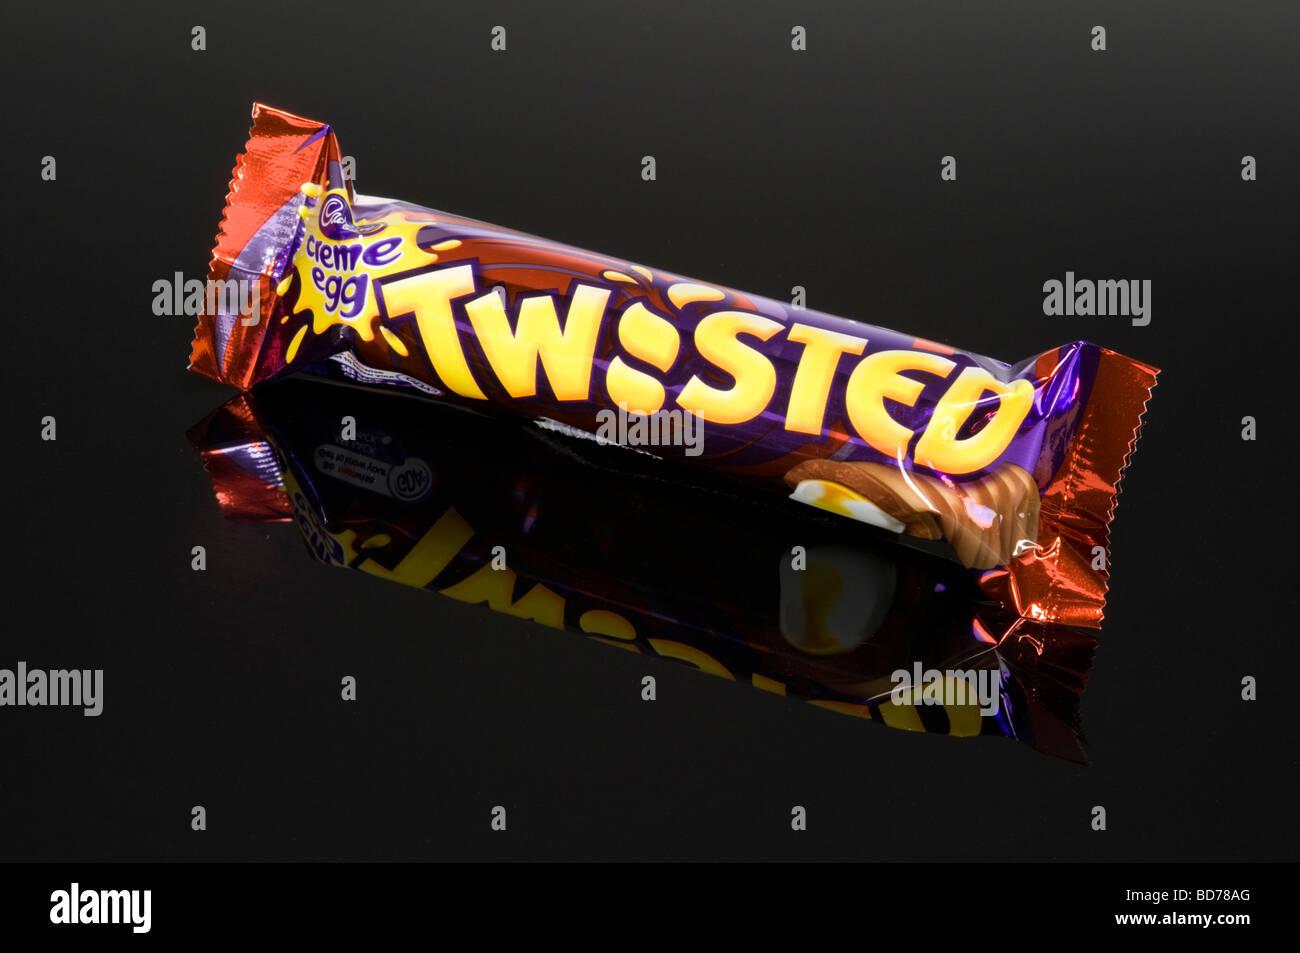 Crema di uovo di cioccolato ritorto Bar su sfondo nero girato in studio Immagini Stock